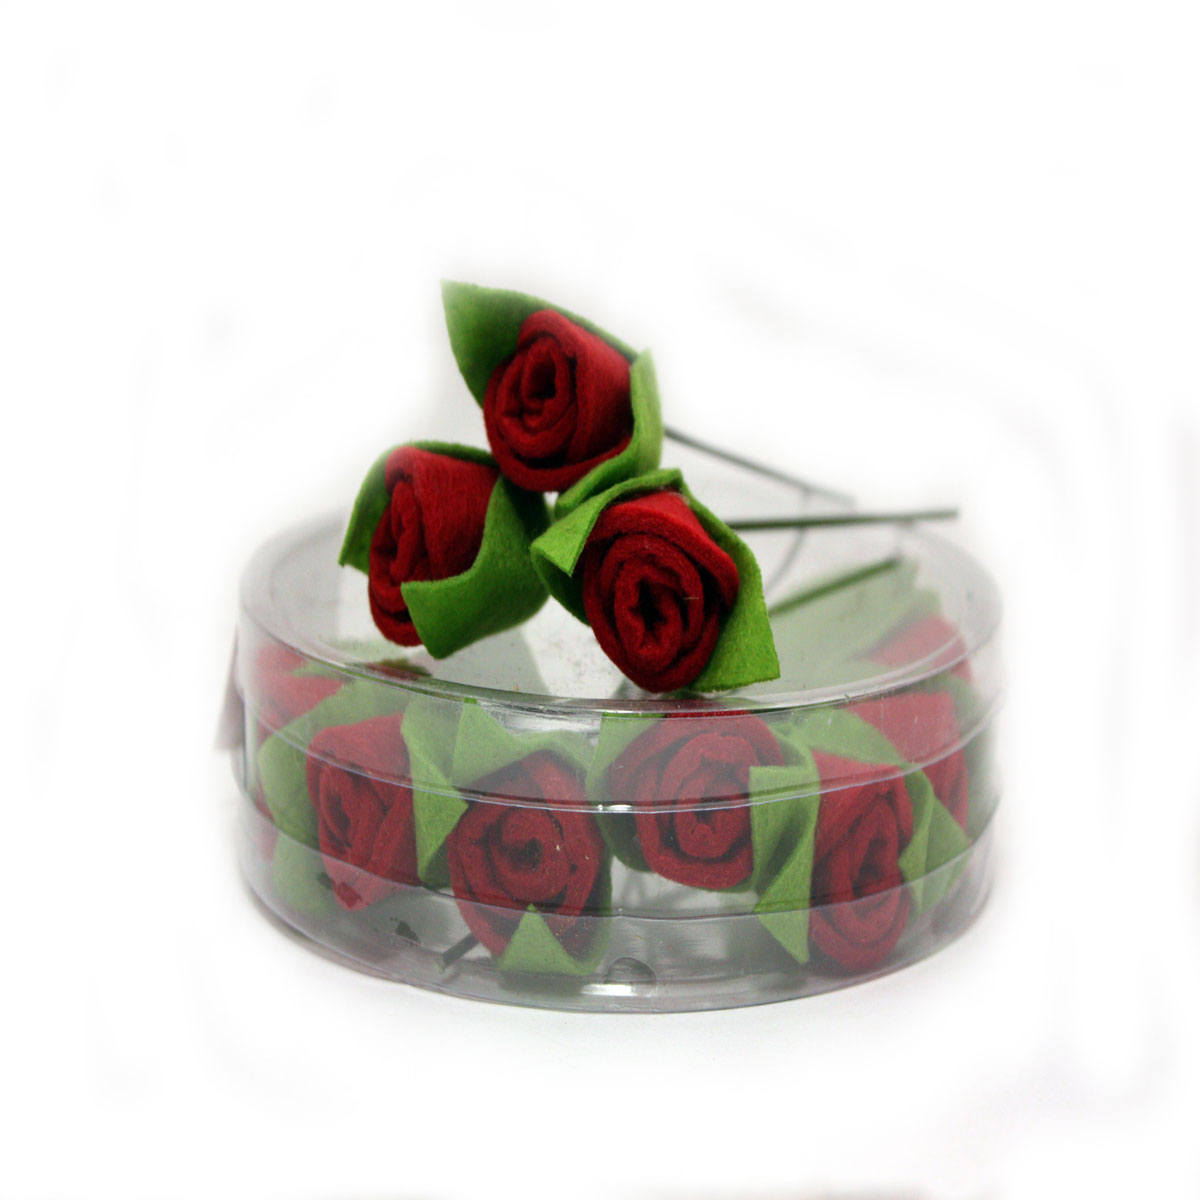 Набор декоративных украшений RTO Розочки, цвет: красный, зеленый, 12 шт1.645-504.0Набор RTO Розочки состоит из 12 декоративных элементов и предназначен для украшения цветочных горшков, ваз и других предметов интерьера. Украшения изготовлены из фетра в виде цветов. Такой набор украшений создаст атмосферу праздника в вашем доме. Размер цветка: 15 х 4 х 2,5 см.